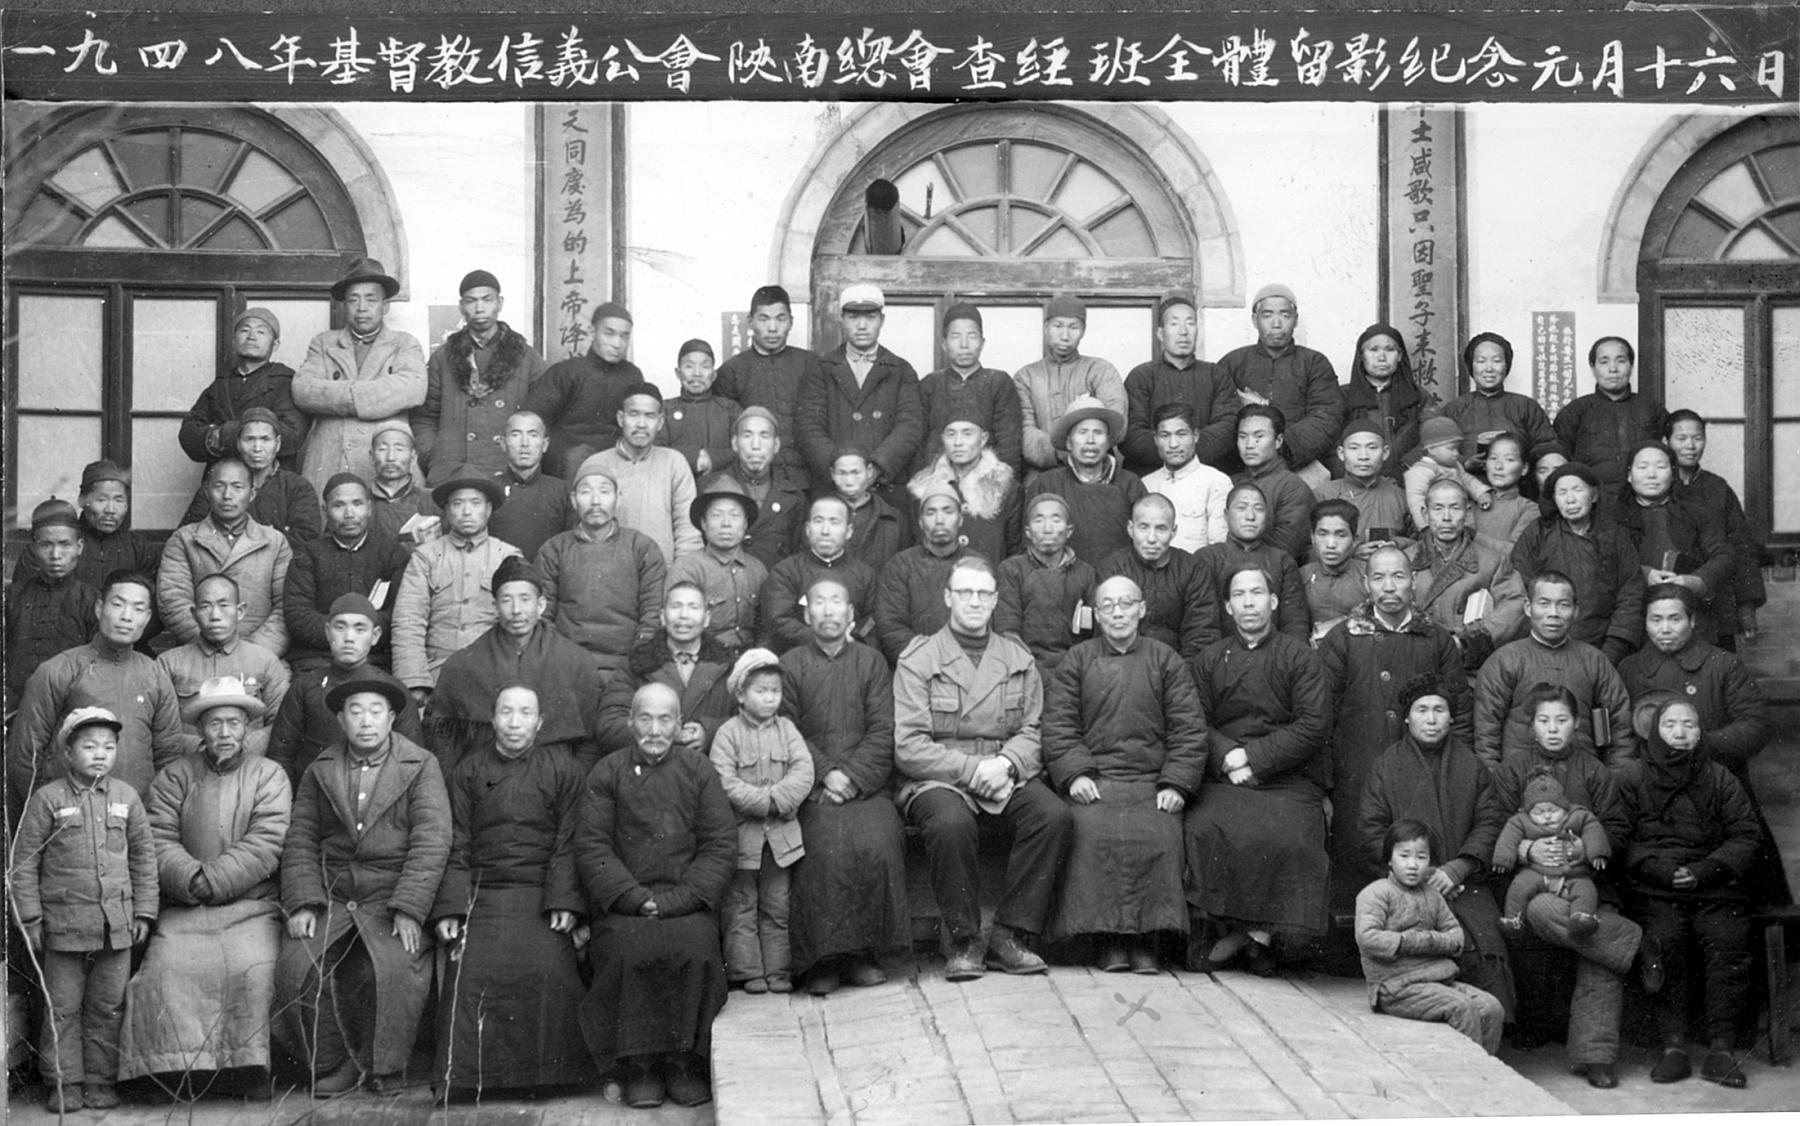 Bibelskolan i Pucheng 1948. Pastorer, evangelister och bibelkvinnor från Shaanxi-fältet deltar i en av de sista samlingarna av detta slag som kunde hållas.  Redan nästa höst utropas det nya Kina av Mao Zedong och missionärsepoken är avslutad. Missionären i mitten är Selfrid Ershammar som några månader senare blev tvungen att fly från Pucheng.